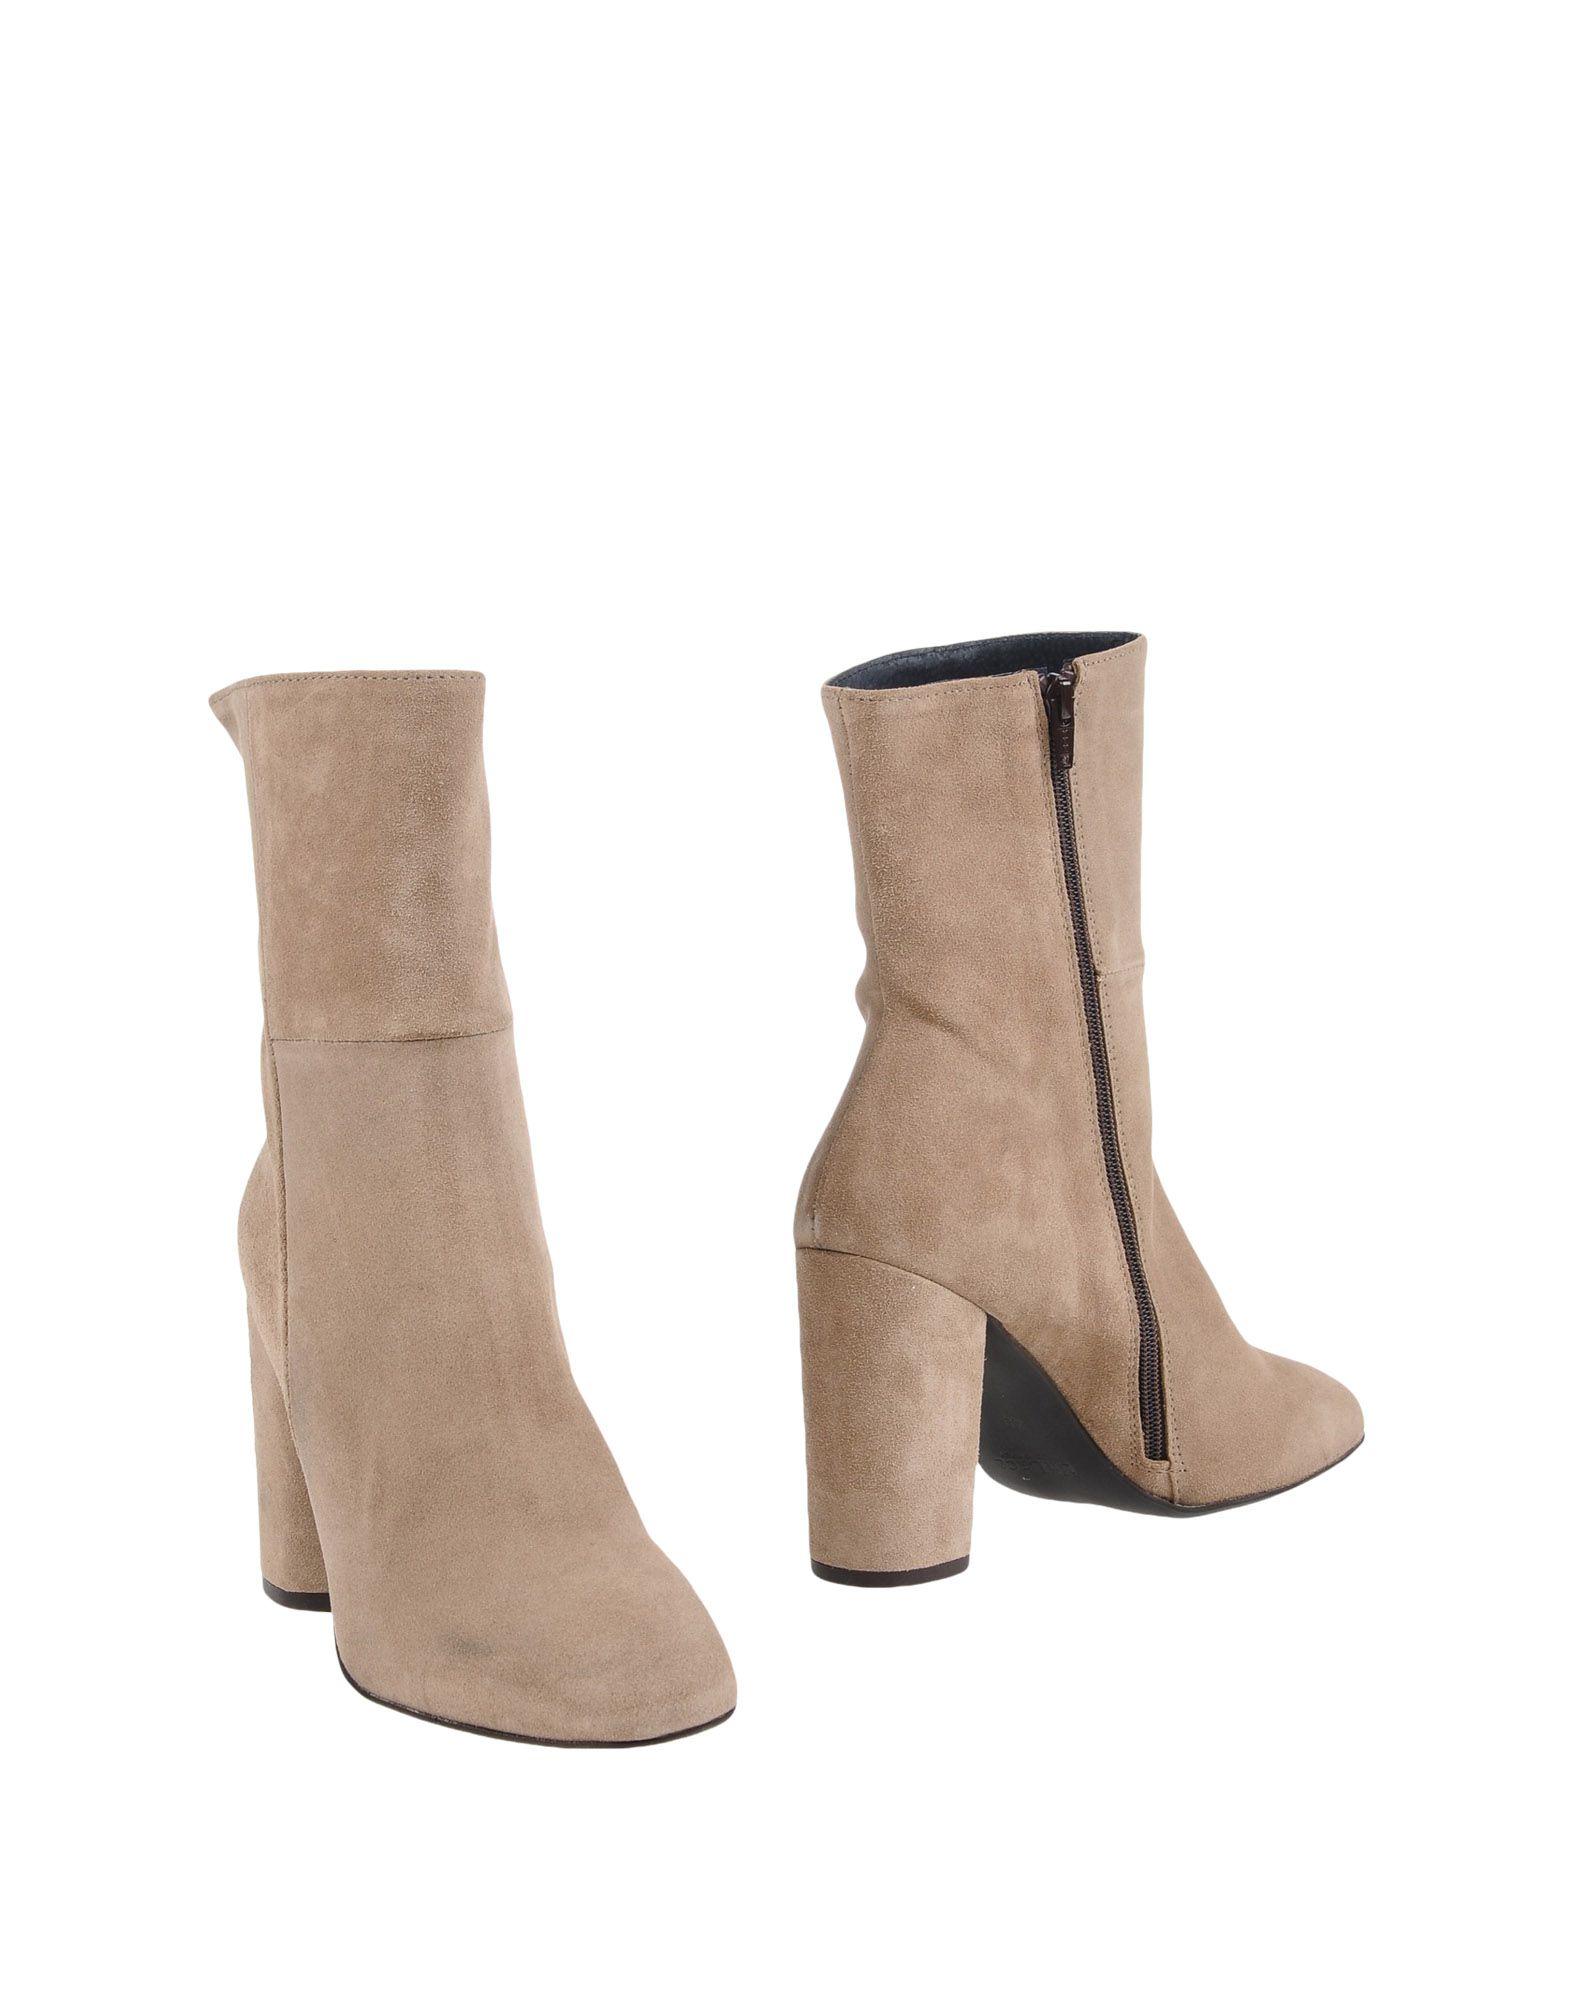 Moda Stivaletti Unlace Donna - 11272551SQ